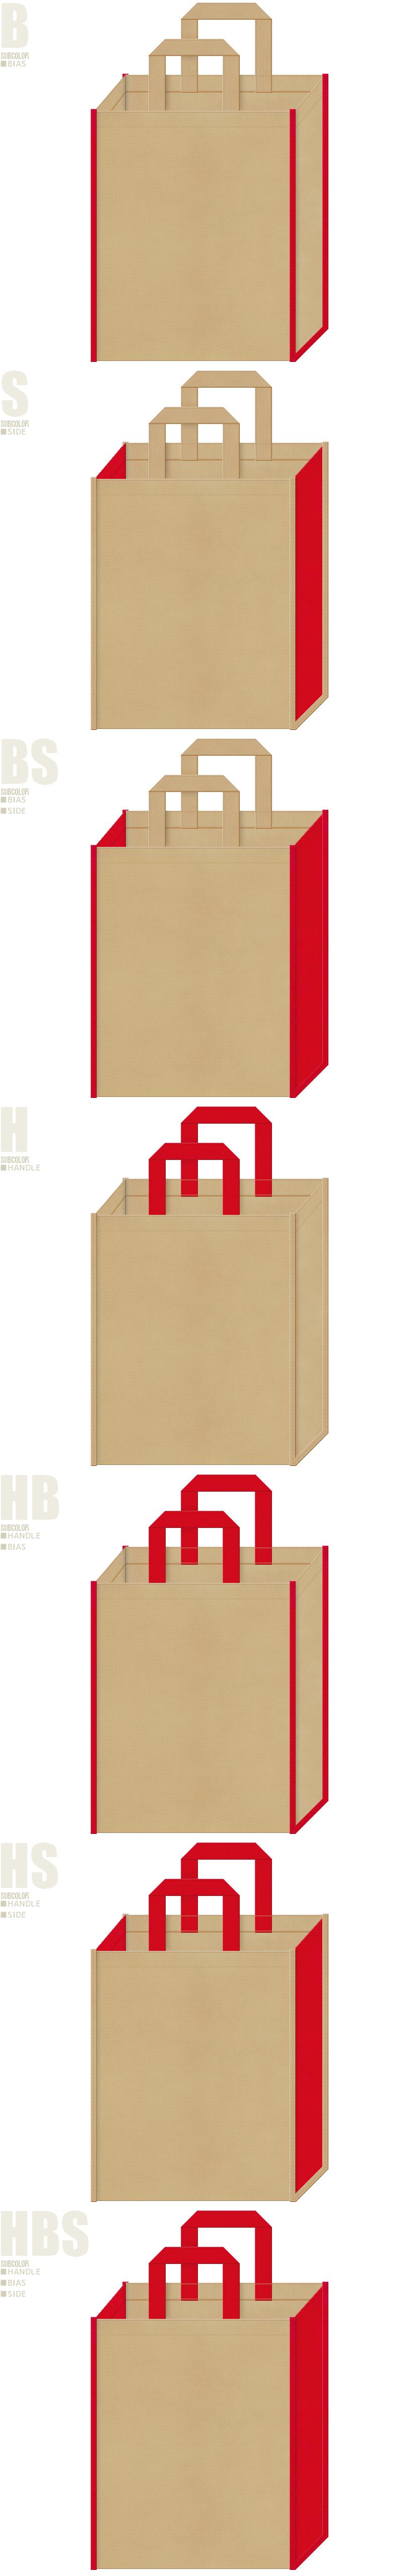 赤鬼・節分・大豆・一合枡・お祭り・和風催事にお奨めの不織布バッグデザイン:カーキ色と紅色の配色7パターン。